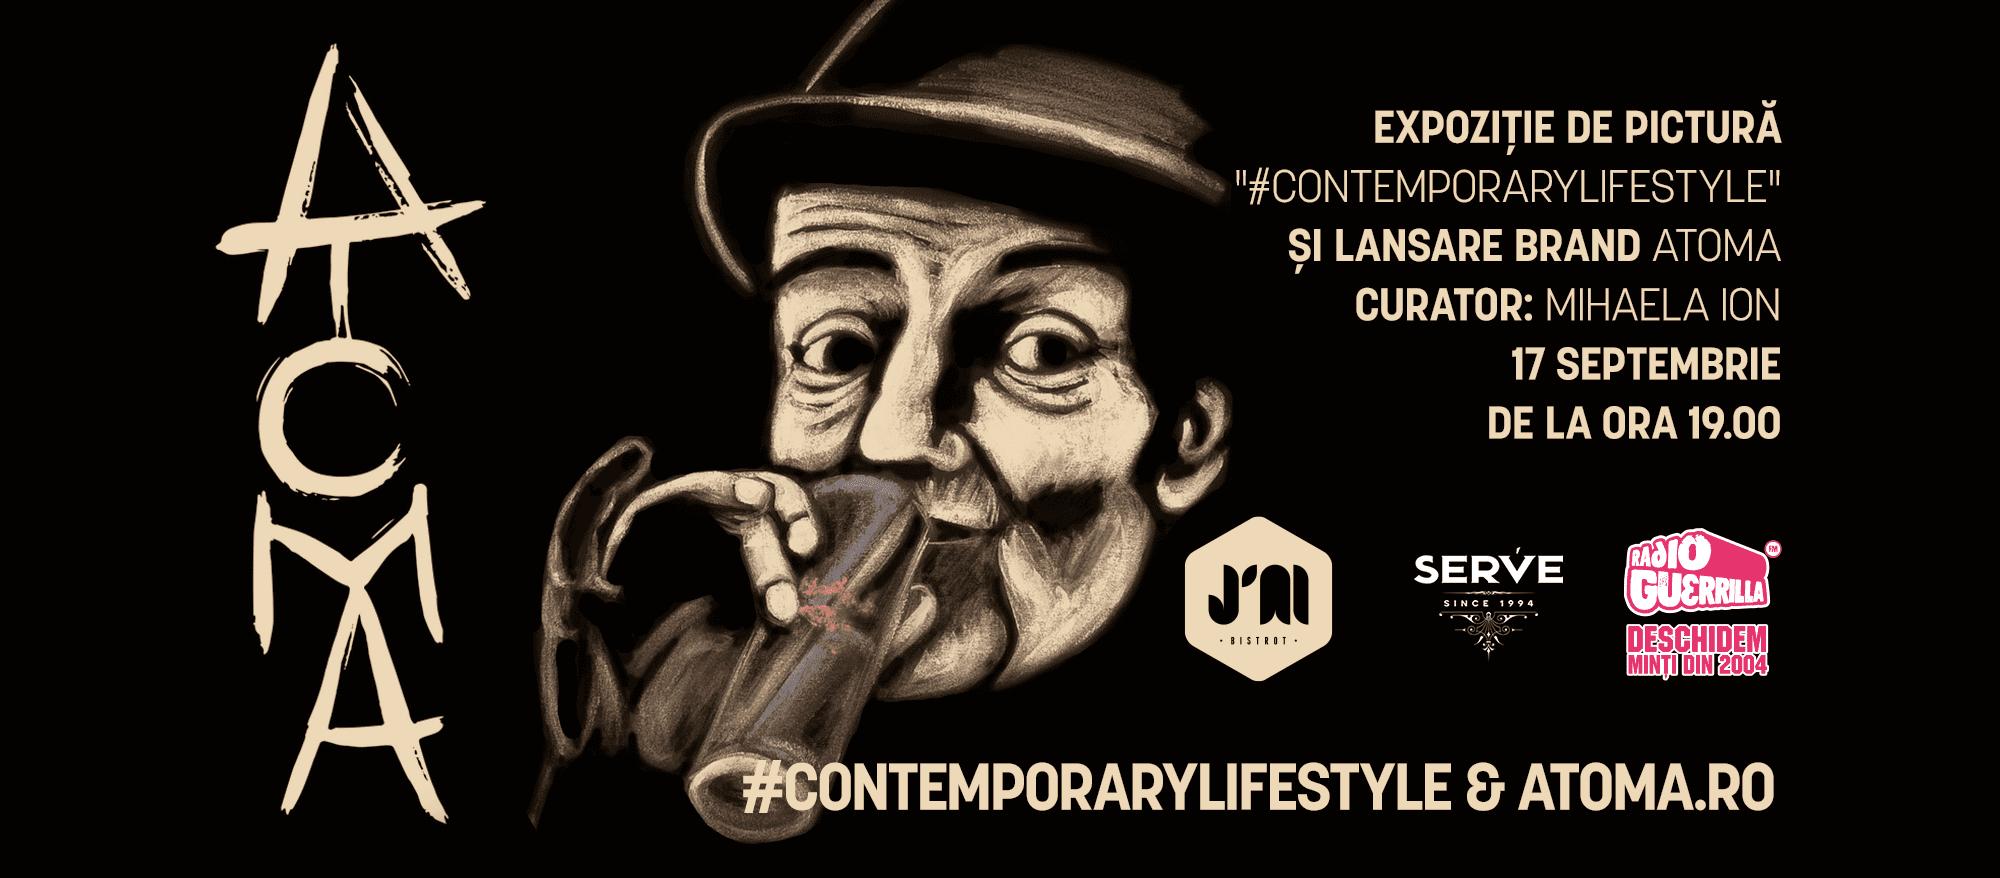 Atoma.ro Vernisajul expoziției #ContemporaryLifeStyle | 17 septembrie | București